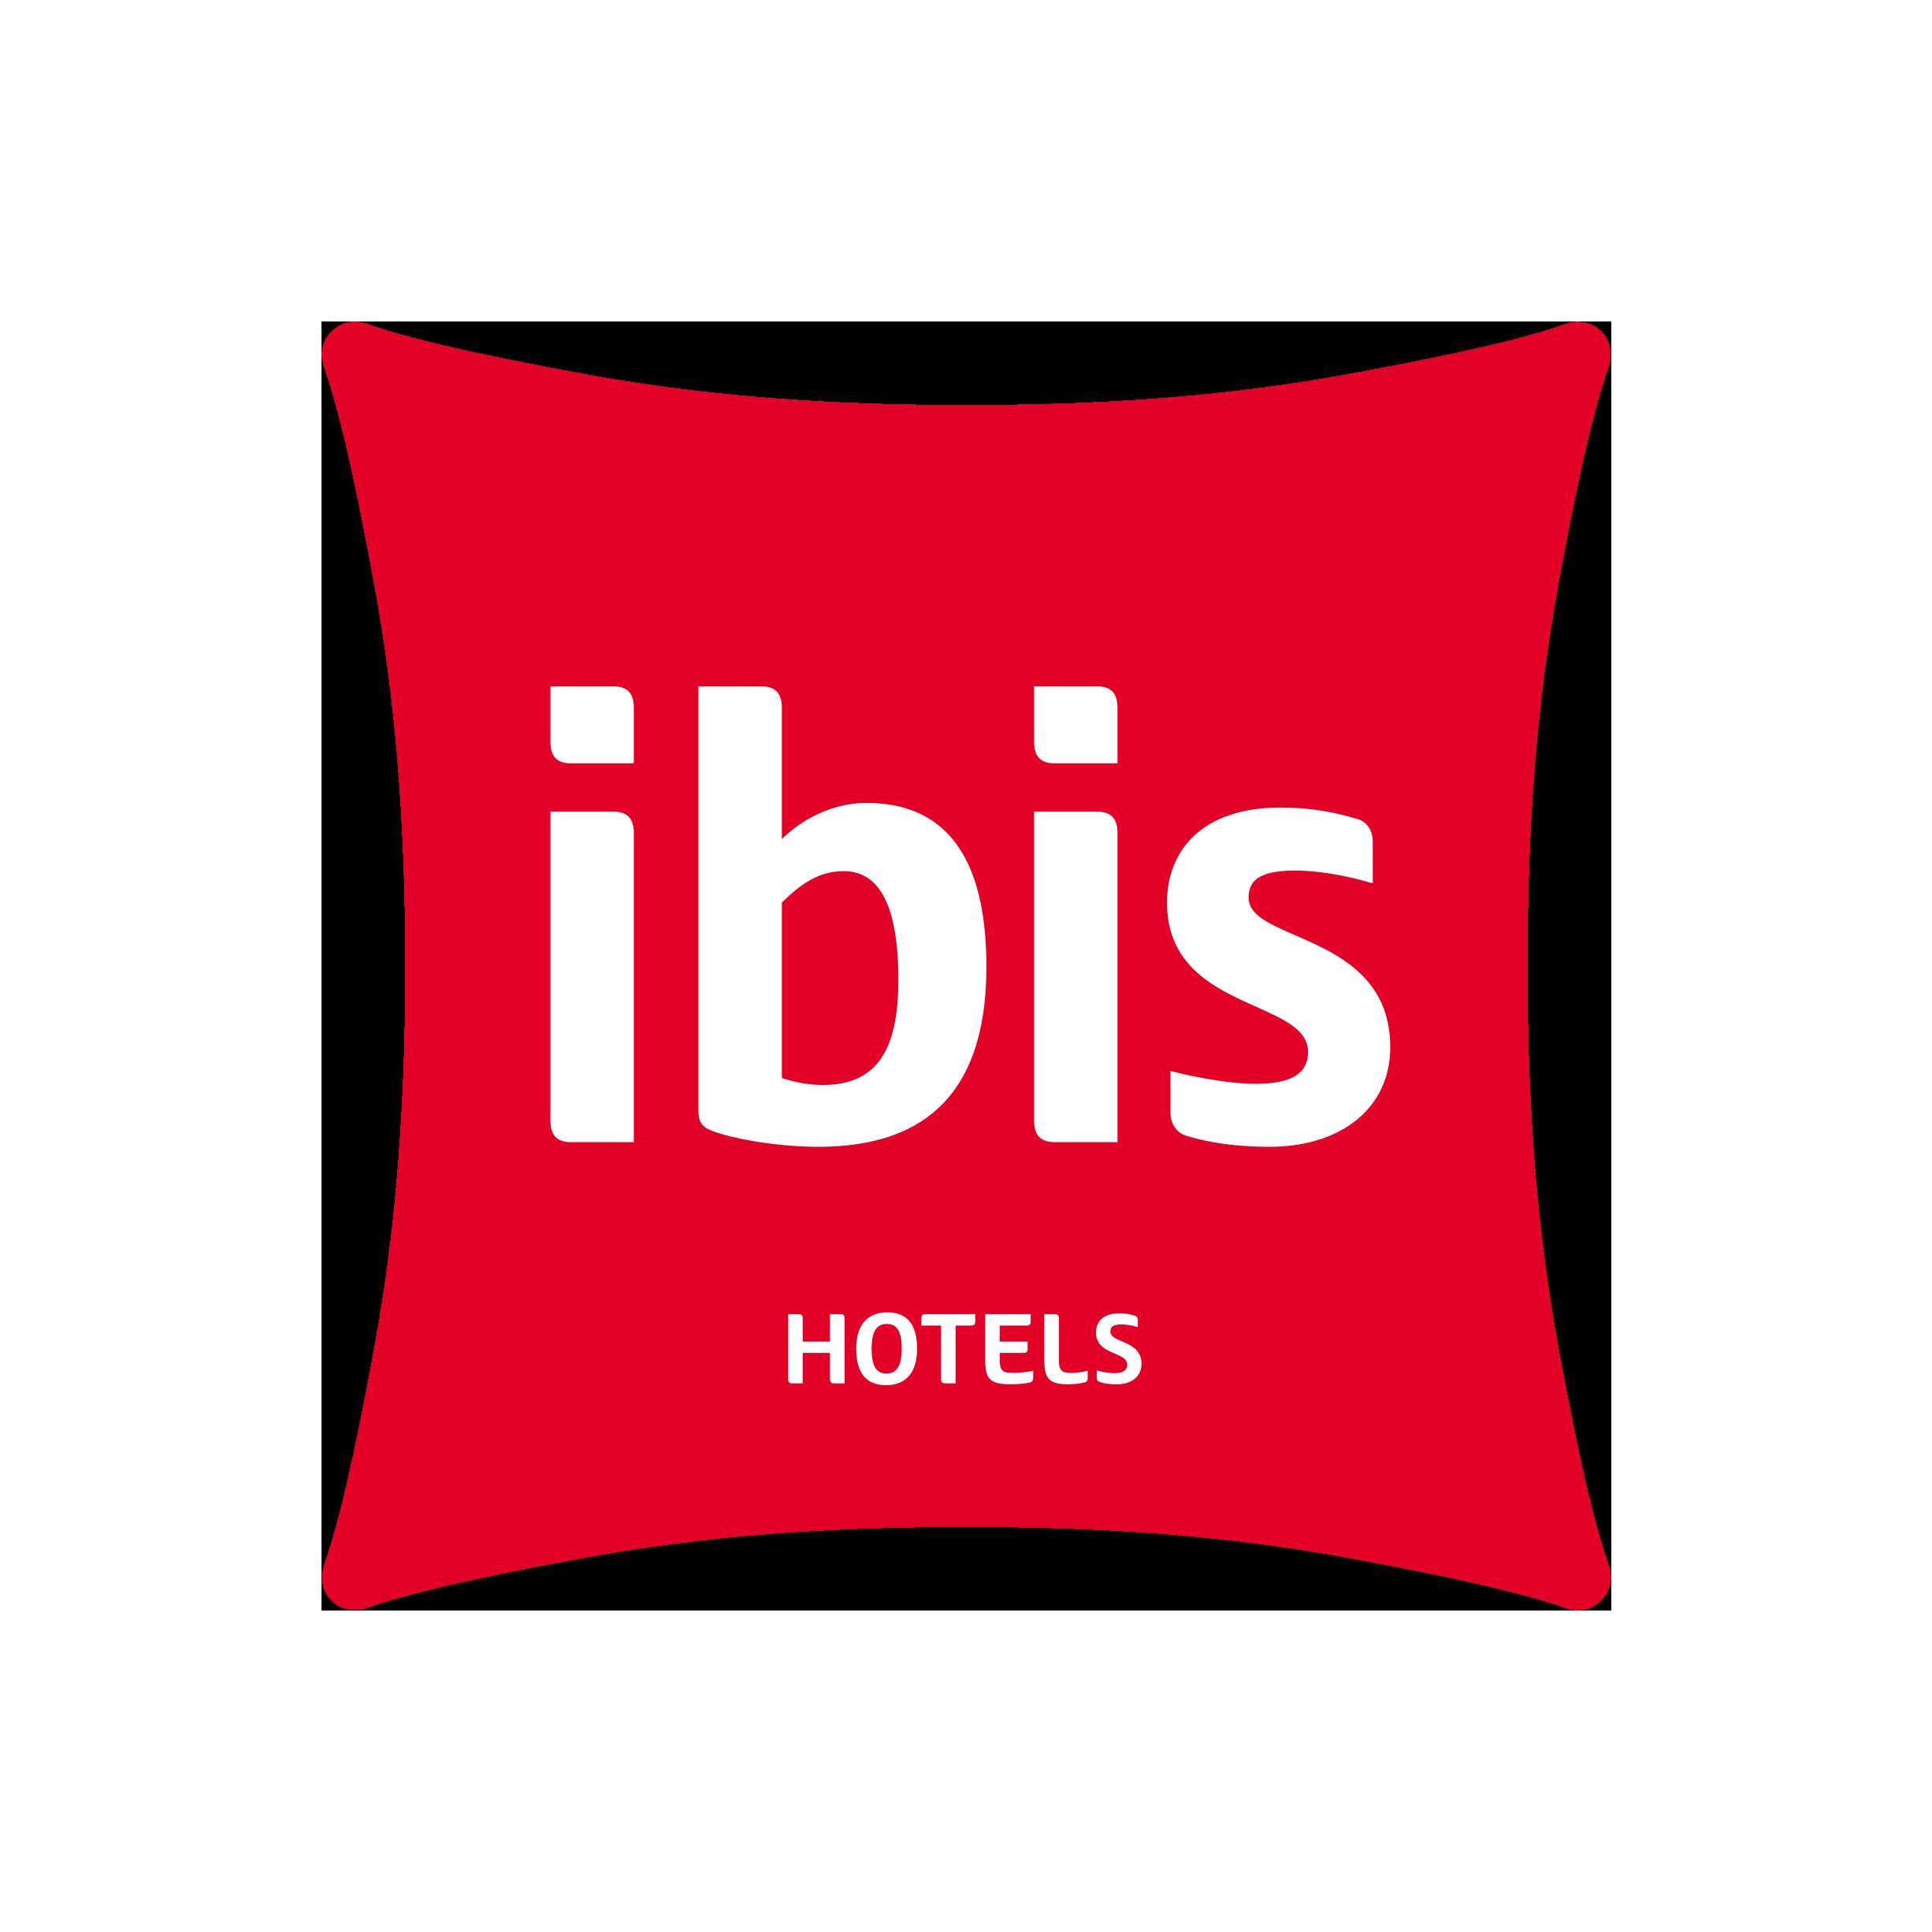 Ibis baja sus tarifas en hoteles de Sudamérica por temporada de verano